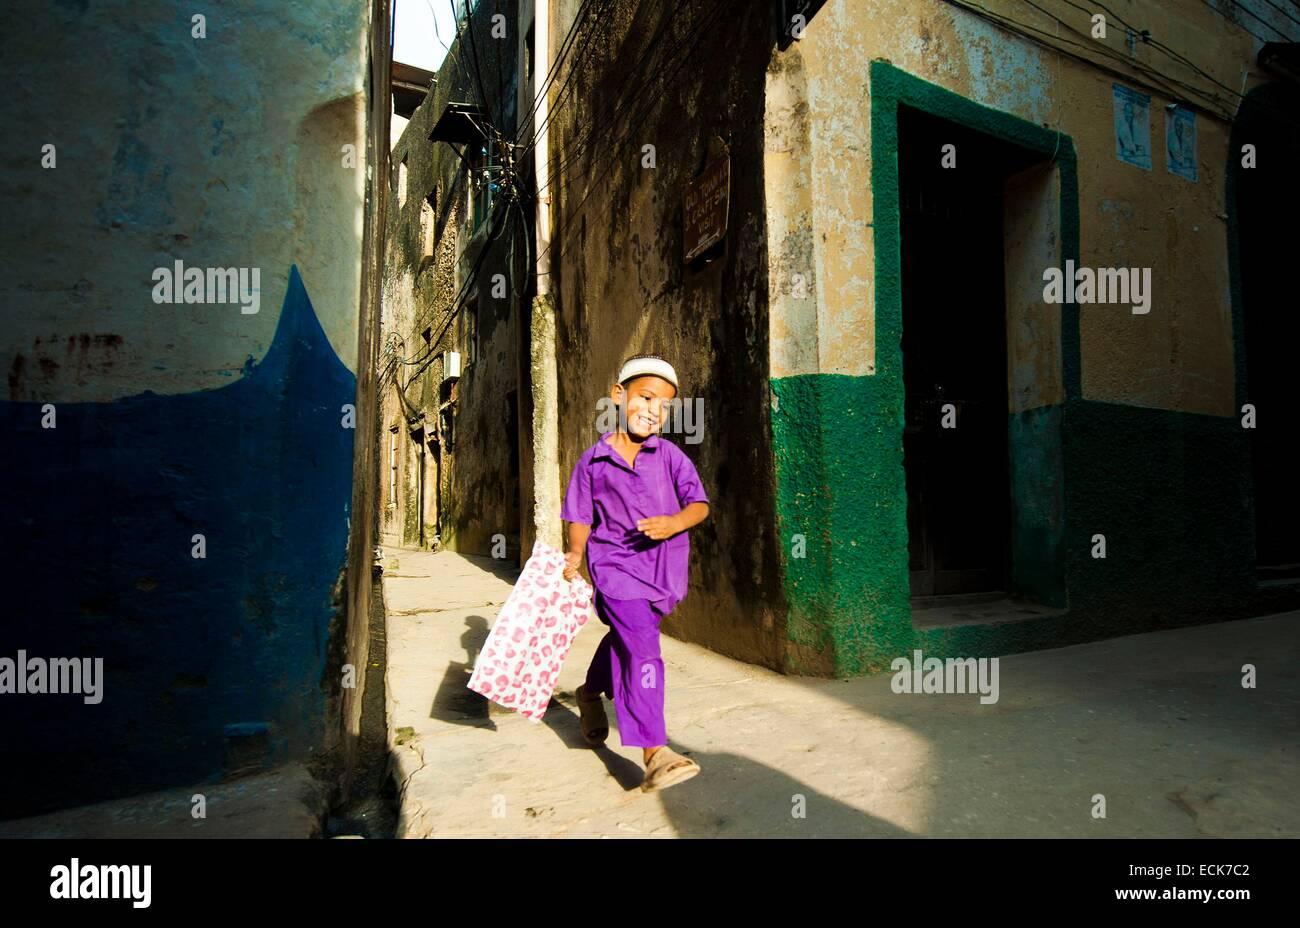 Kenya, el archipiélago de Lamu, Lamu, colegial girando en la calle Imagen De Stock